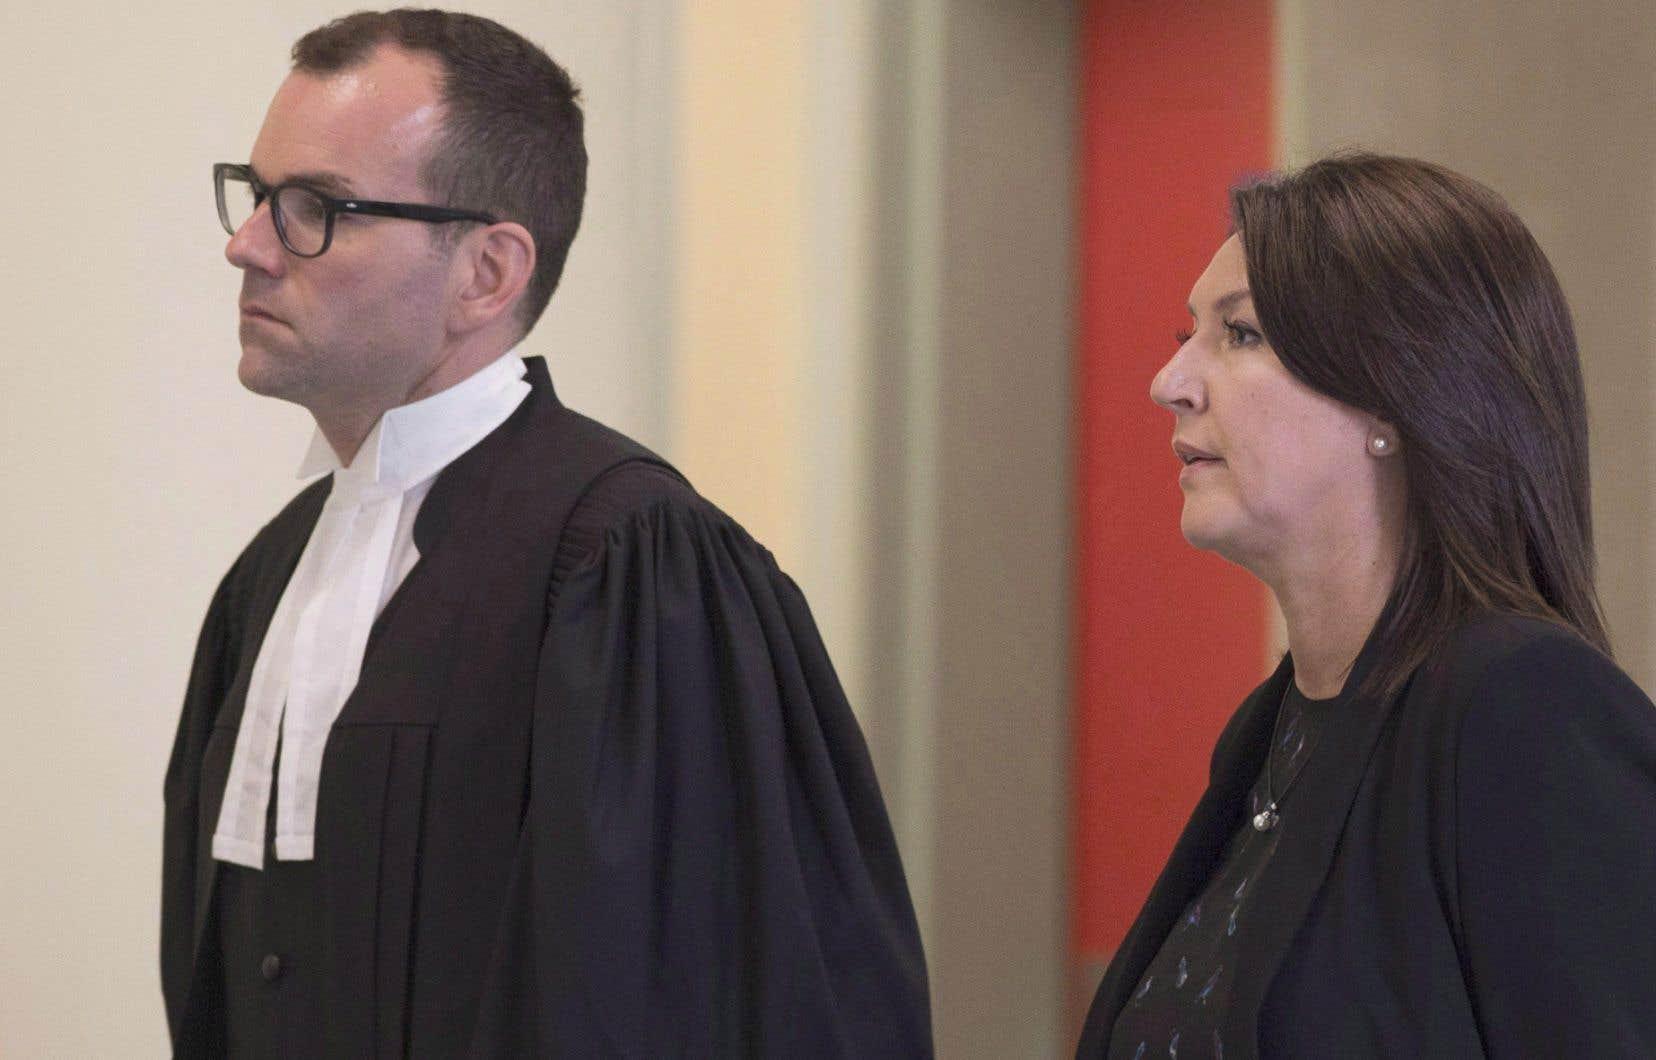 L'ex-ministre libérale Nathalie Normandeau, accompagnée de son avocat Maxime Roy